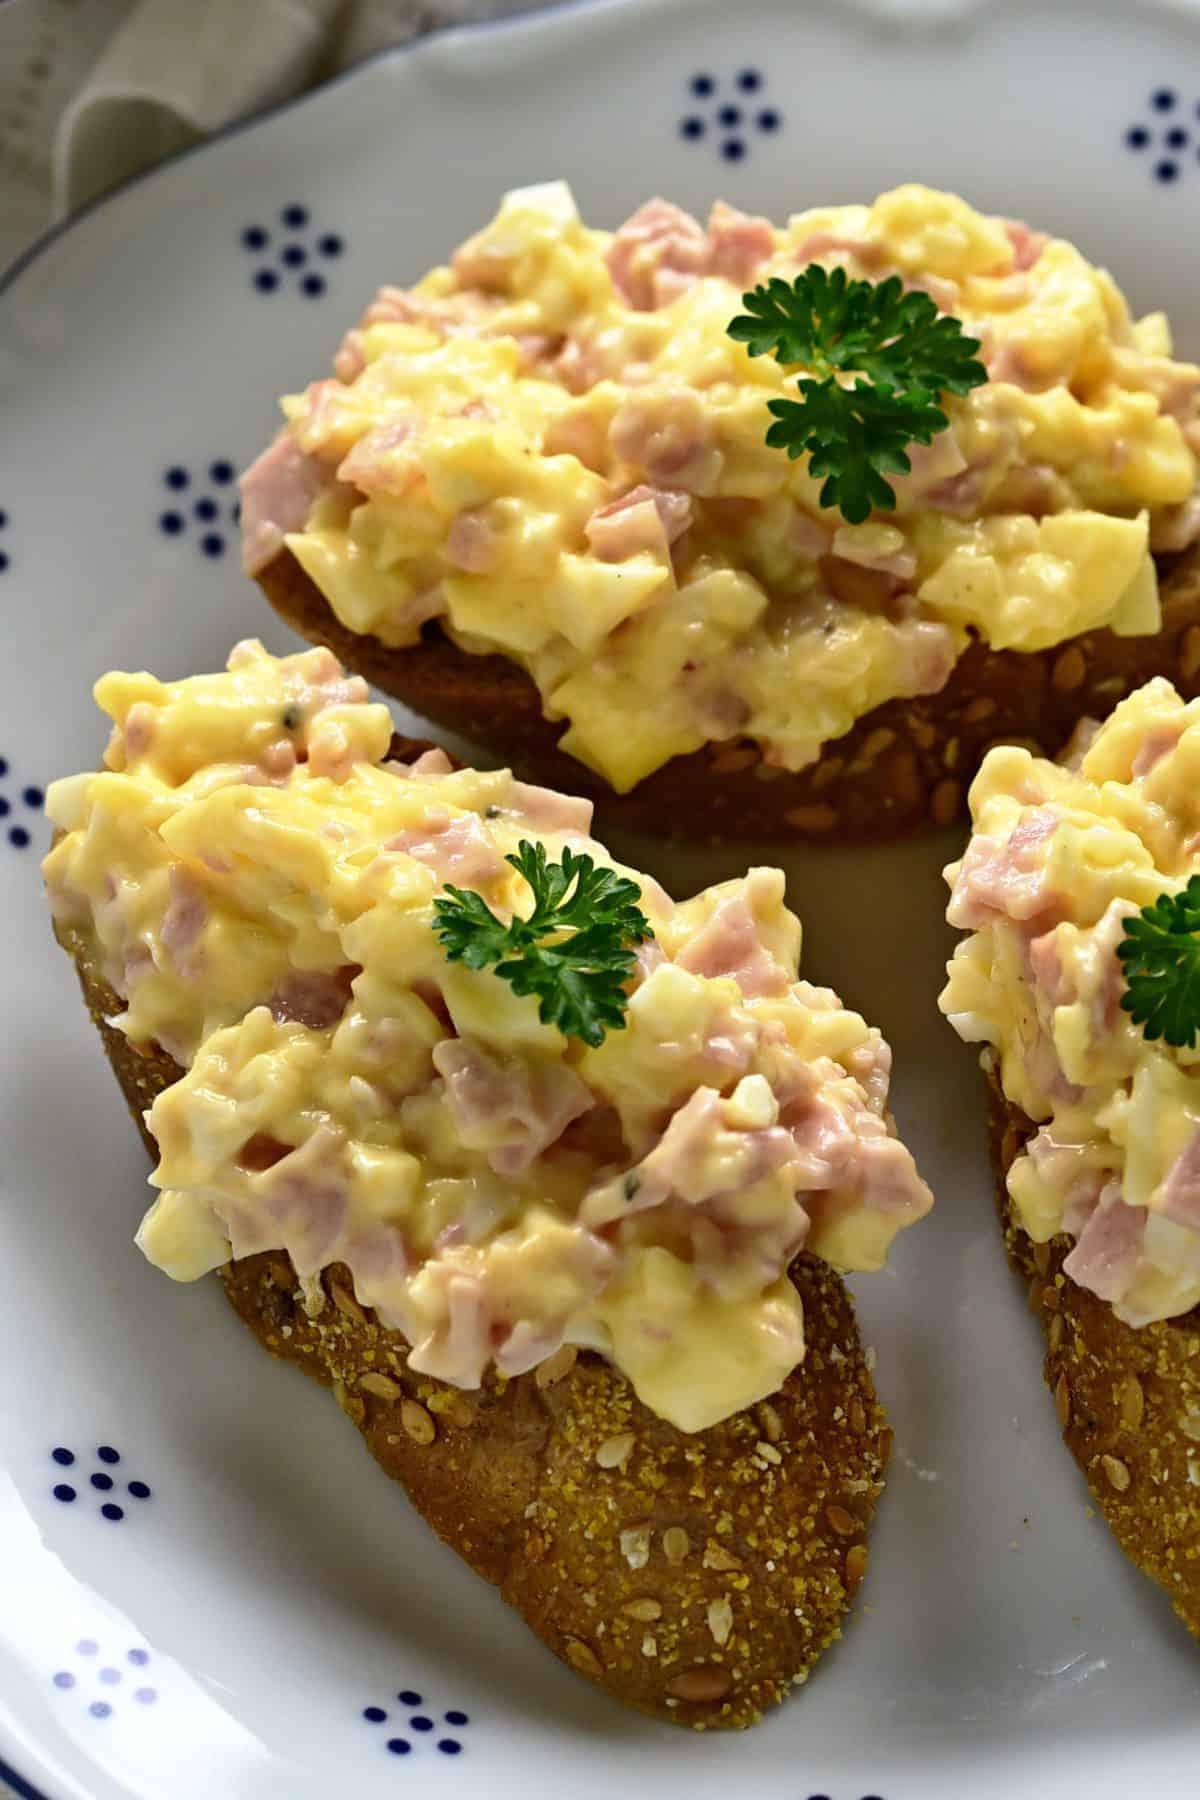 czech hermelínová pomazánka spread on baquette slices